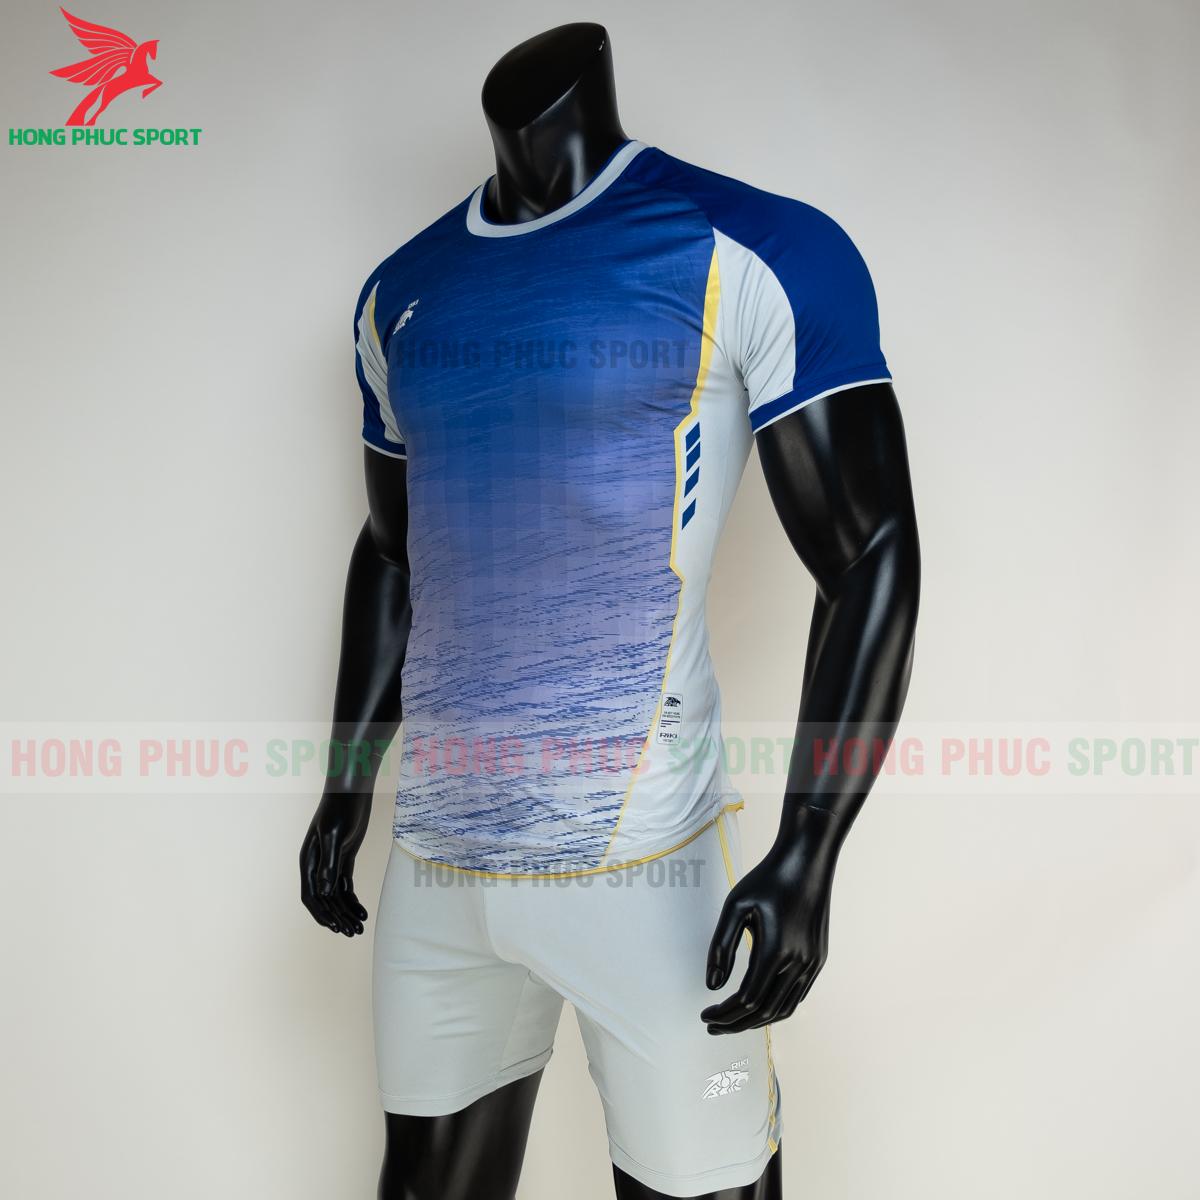 https://cdn.hongphucsport.com/unsafe/s4.shopbay.vn/files/285/ao-bong-da-khong-logo-riki-grambor-mau-xanh-duong-3-6050613881a29.png